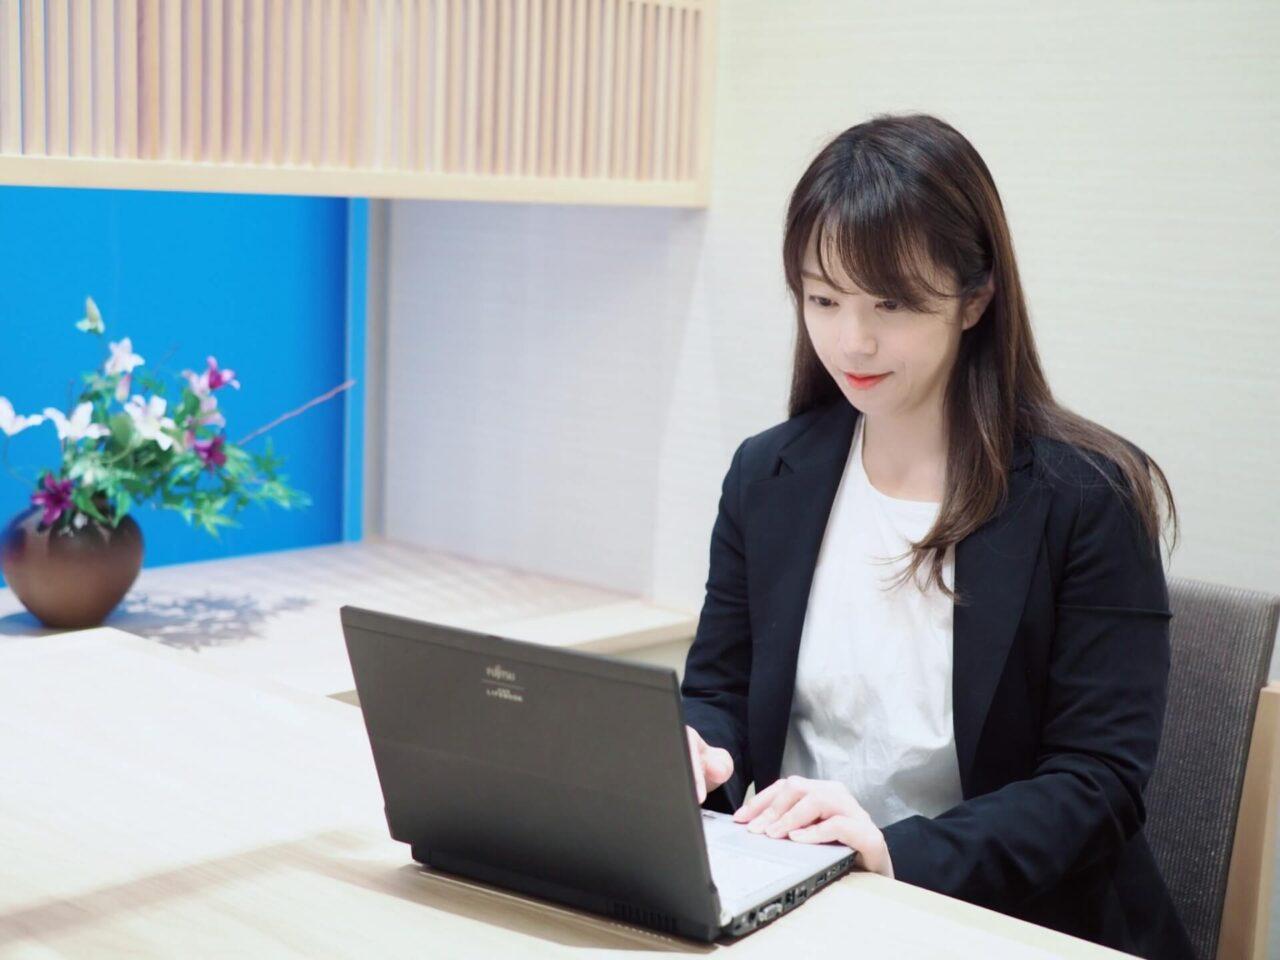 女性,パソコン,仕事,スーツ,在宅,オフィス